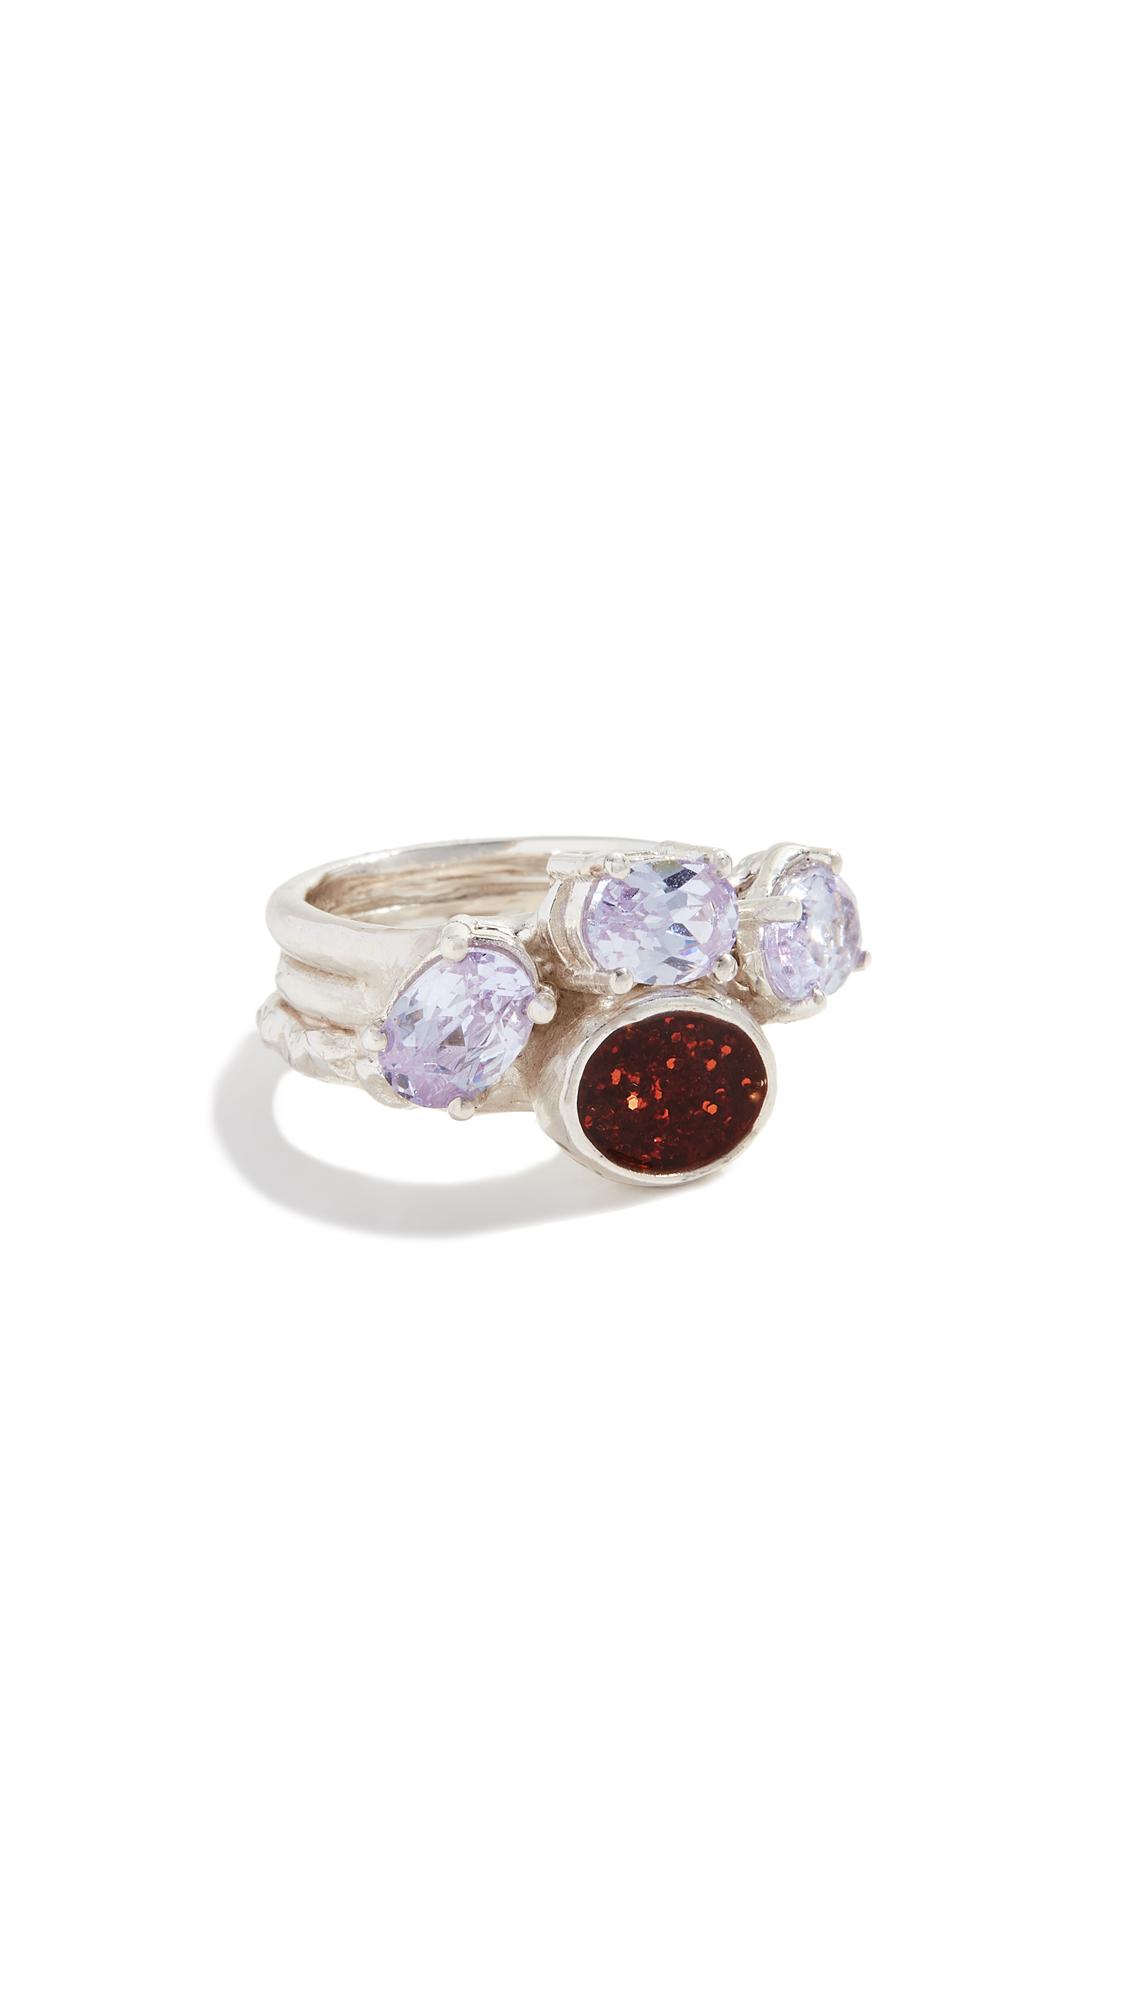 Voodoo Jewels Rodope Ring - Silver/Purple